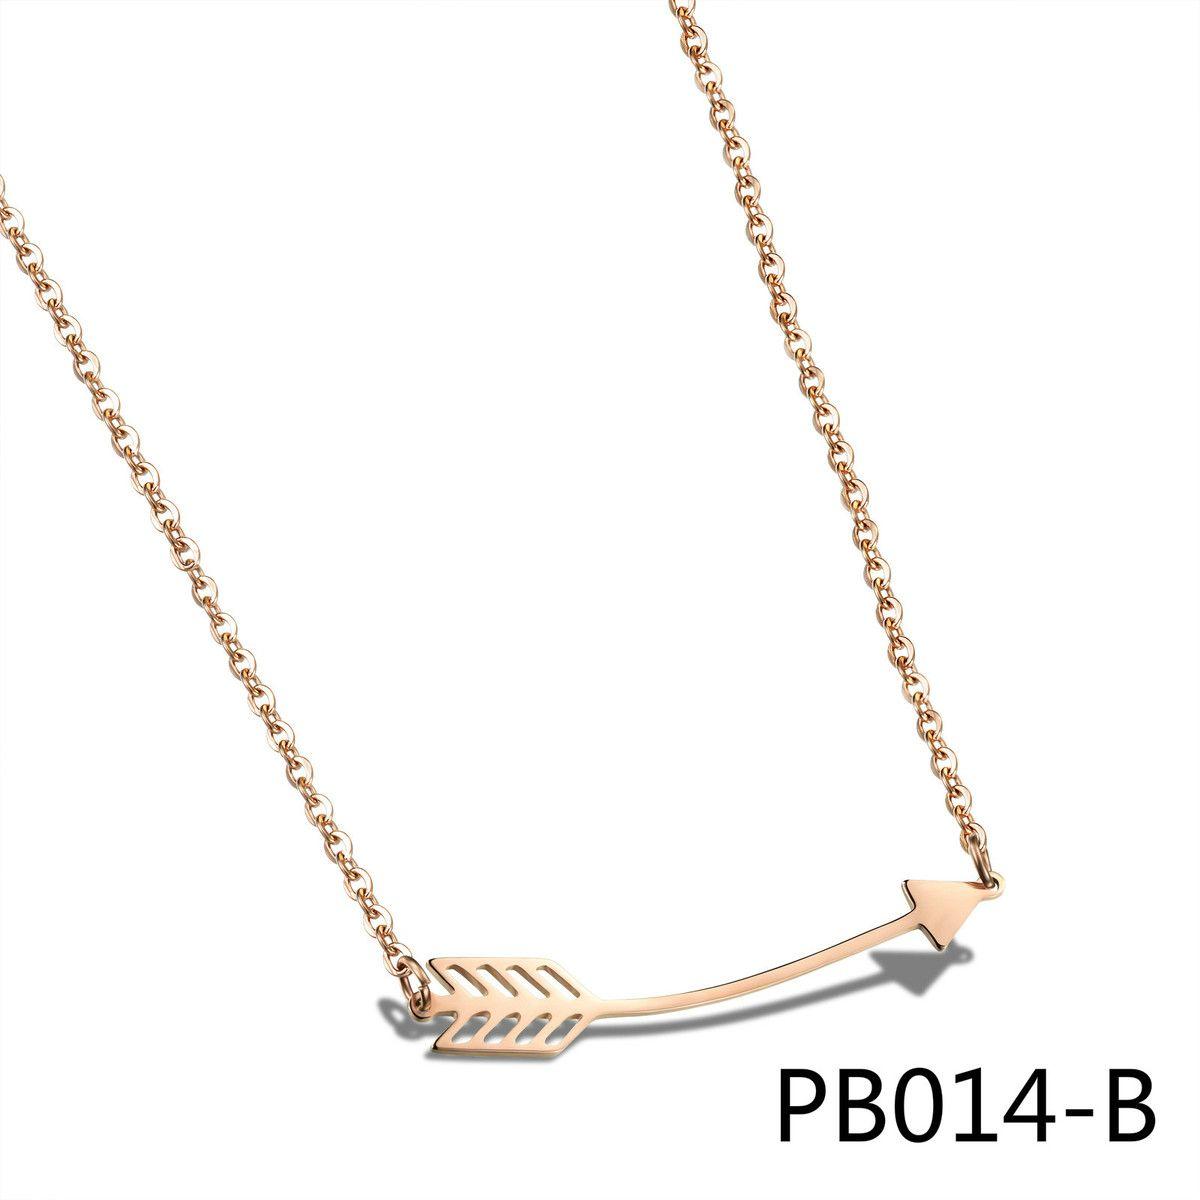 Новый шаблон ключицы pendeloque вырезать прекрасный розовое золото одной стрелкой Одежда Сердце доверенным подруга подарок обороны аллергия ...